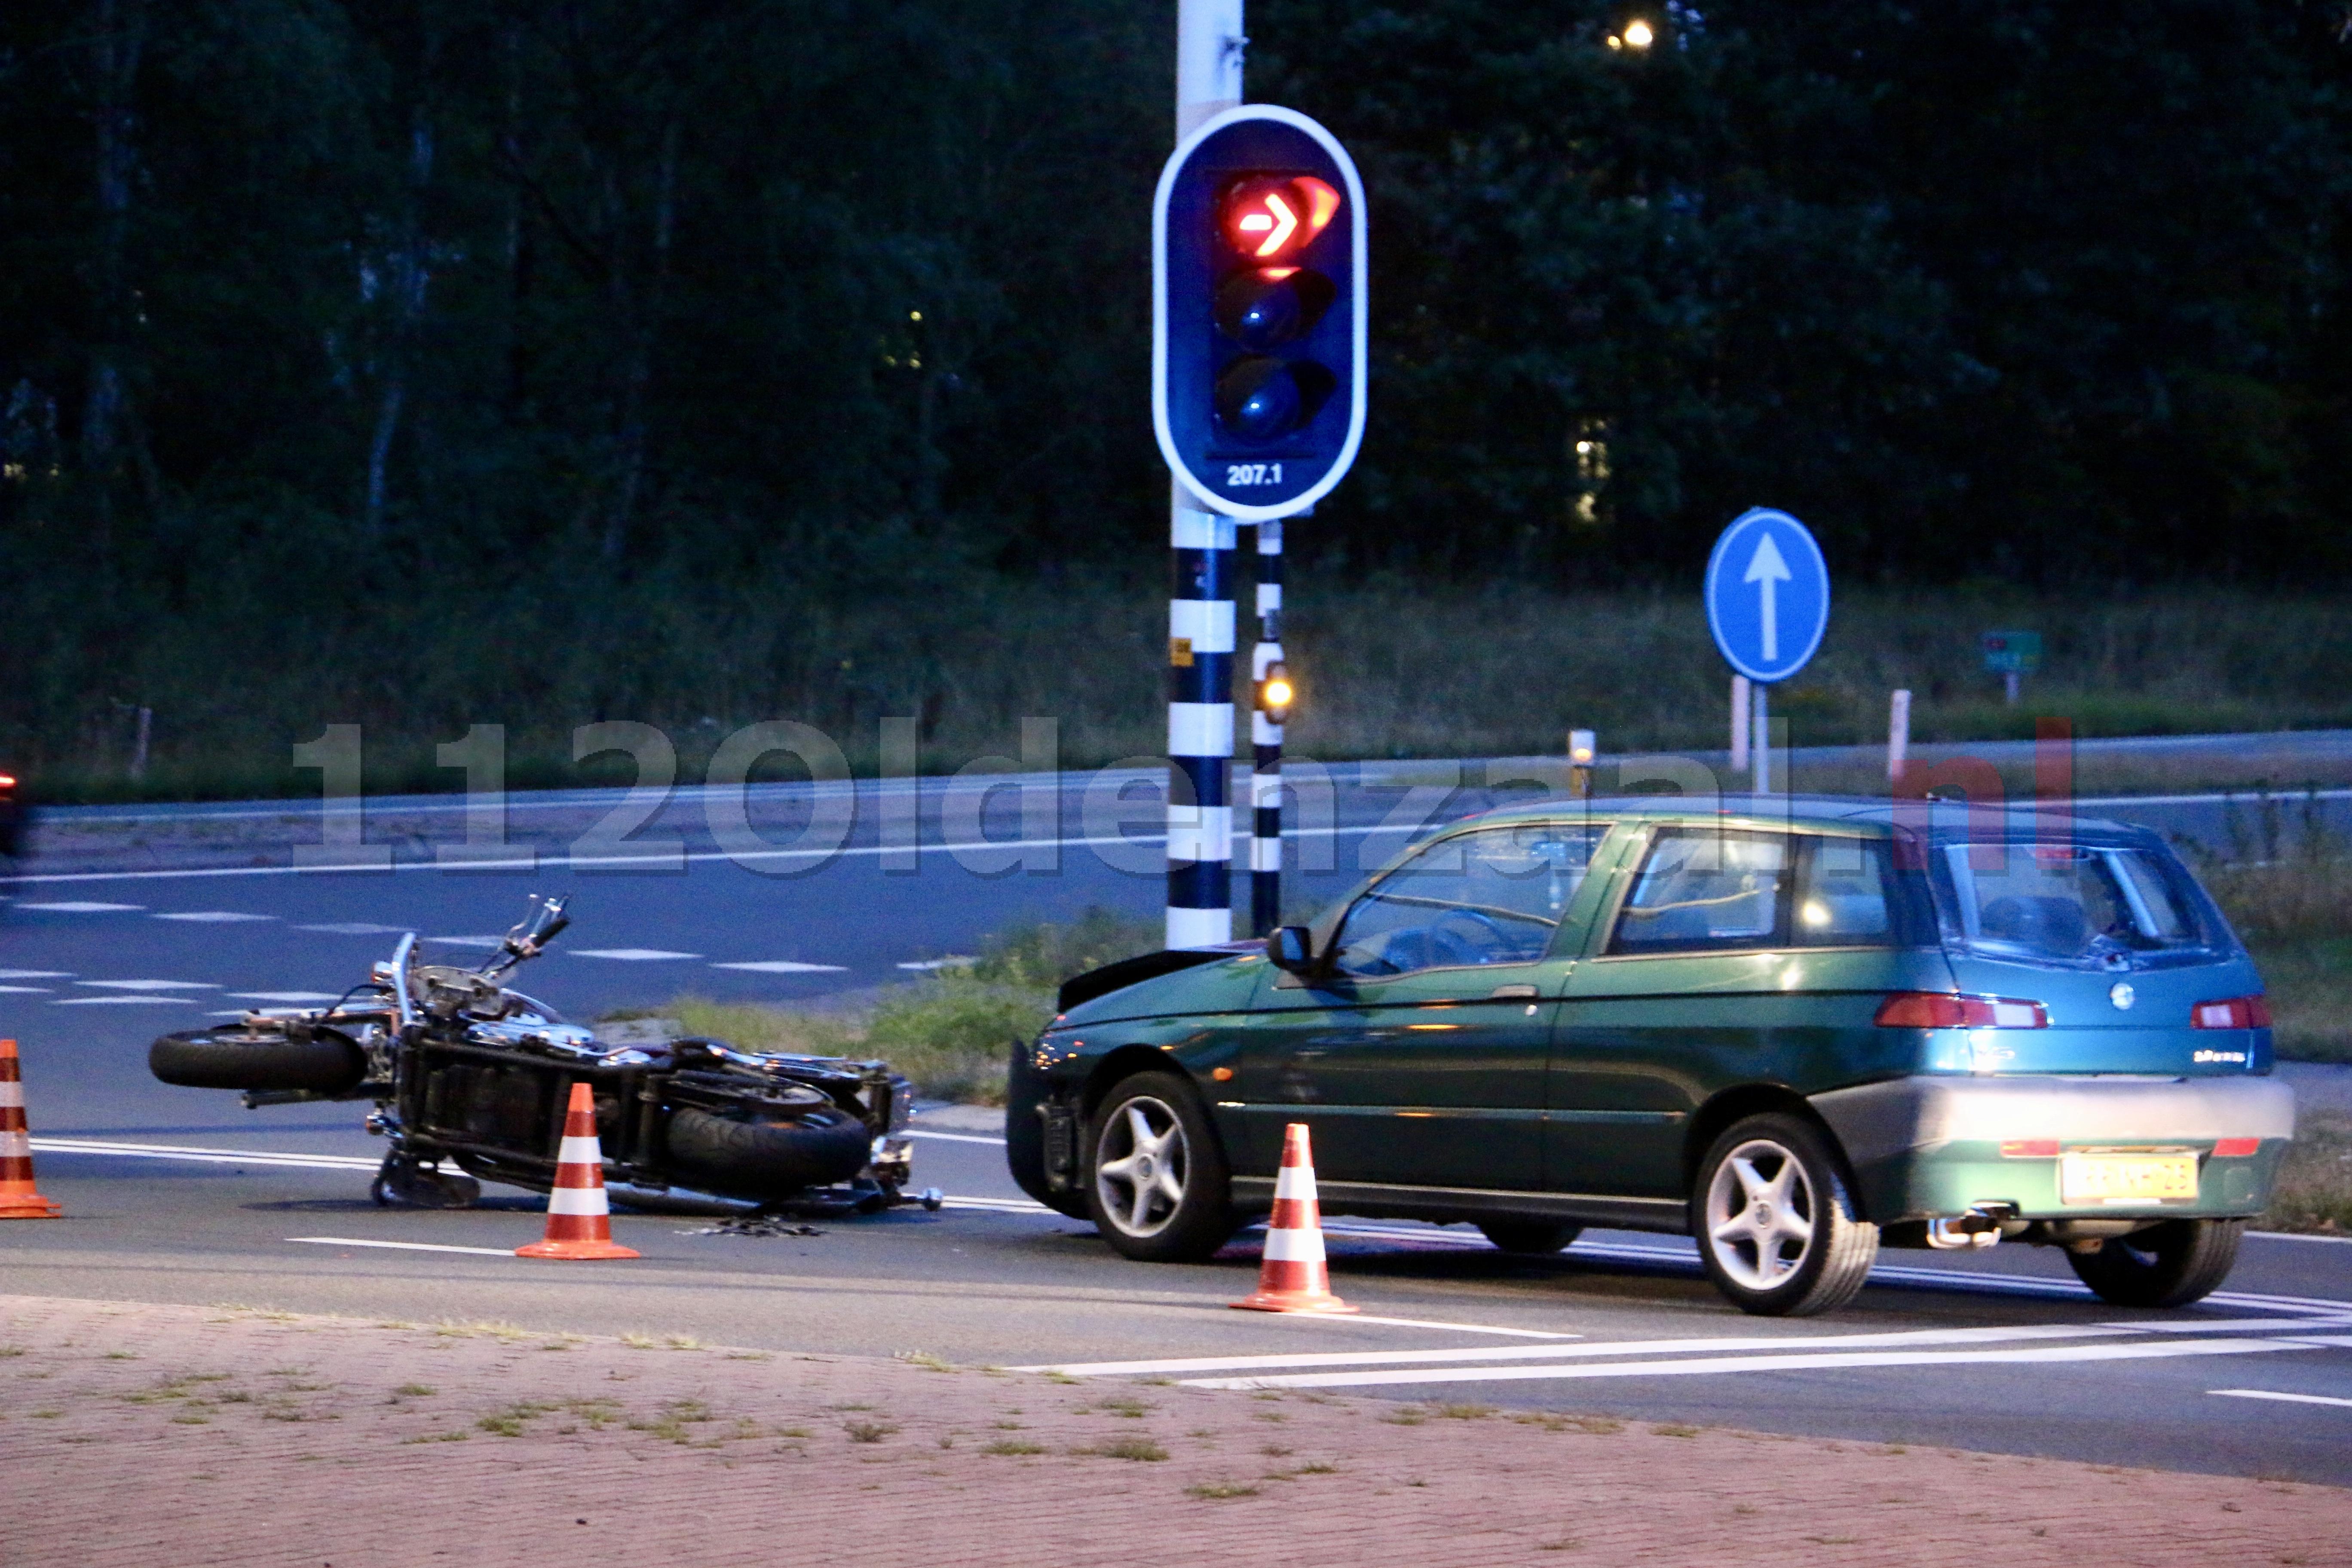 UPDATE: Man onder invloed en verlopen rijbewijs veroorzaakt ongeval in Oldenzaal